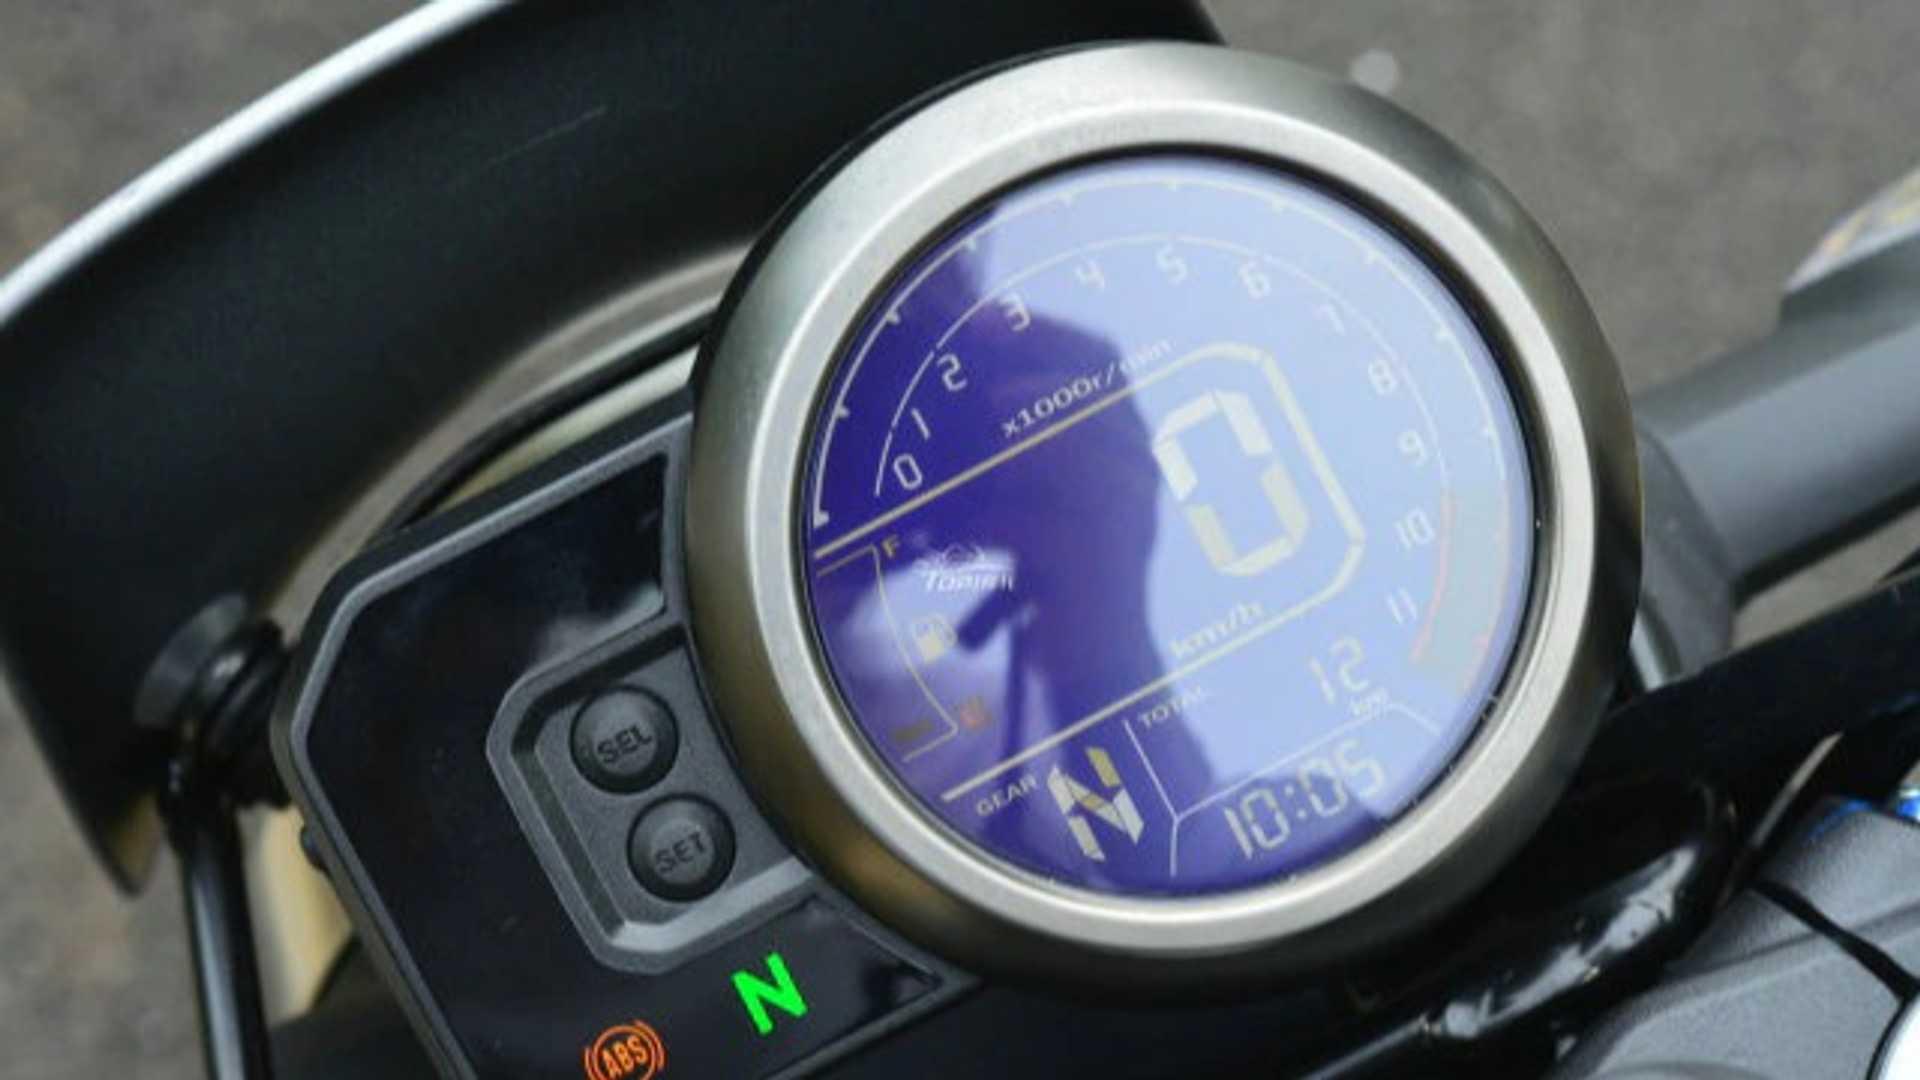 2021 Honda CB190 tr,Honda CB190 tr,honda cb190tr,honda cb190 tricolor,honda cb 190 tr 2020,honda cb 190 tricolor precio,honda cb 190 trail,honda cb190r tricolor,harga honda cb 190 tr,transmision honda cb 190